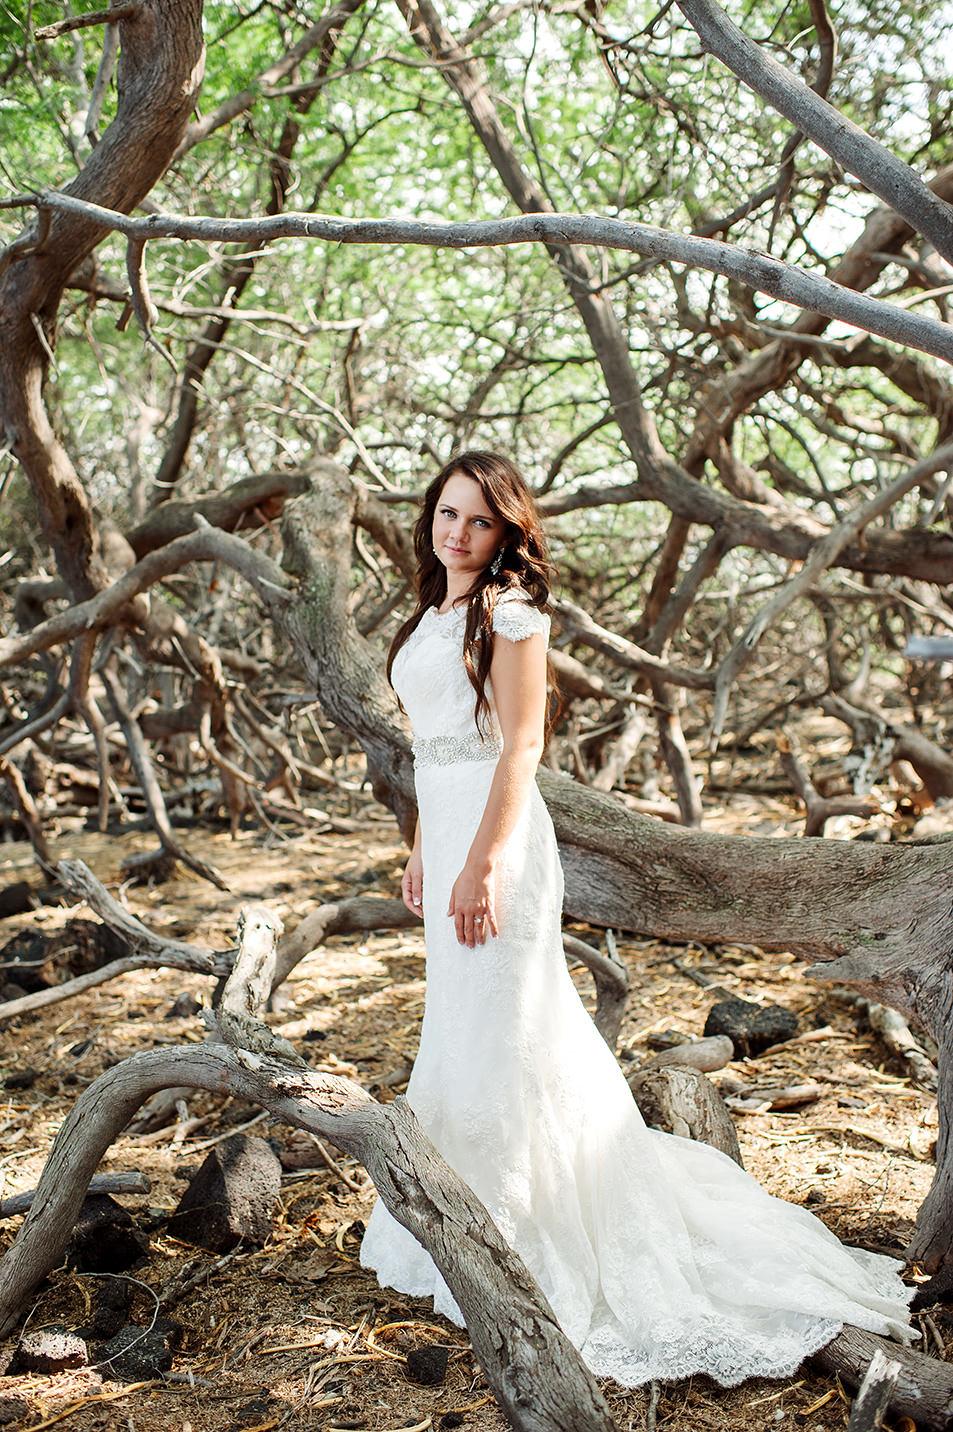 Kona-Hawaii-beach-wedding-Hawaii-wedding-Photographer11.jpg